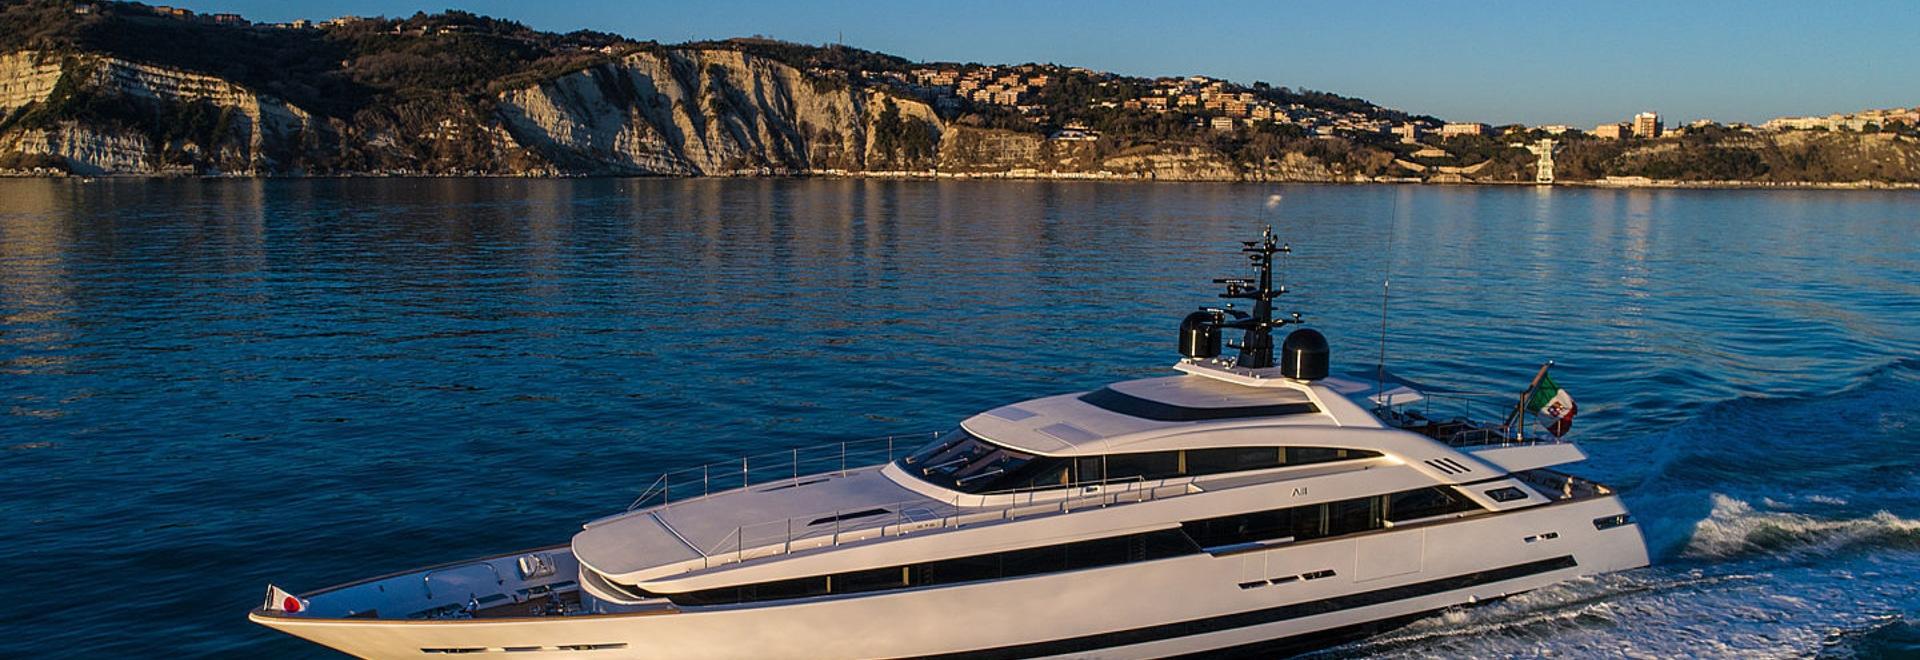 Primer vistazo: A bordo del superyate de 43 metros Agora III de ISA Yachts